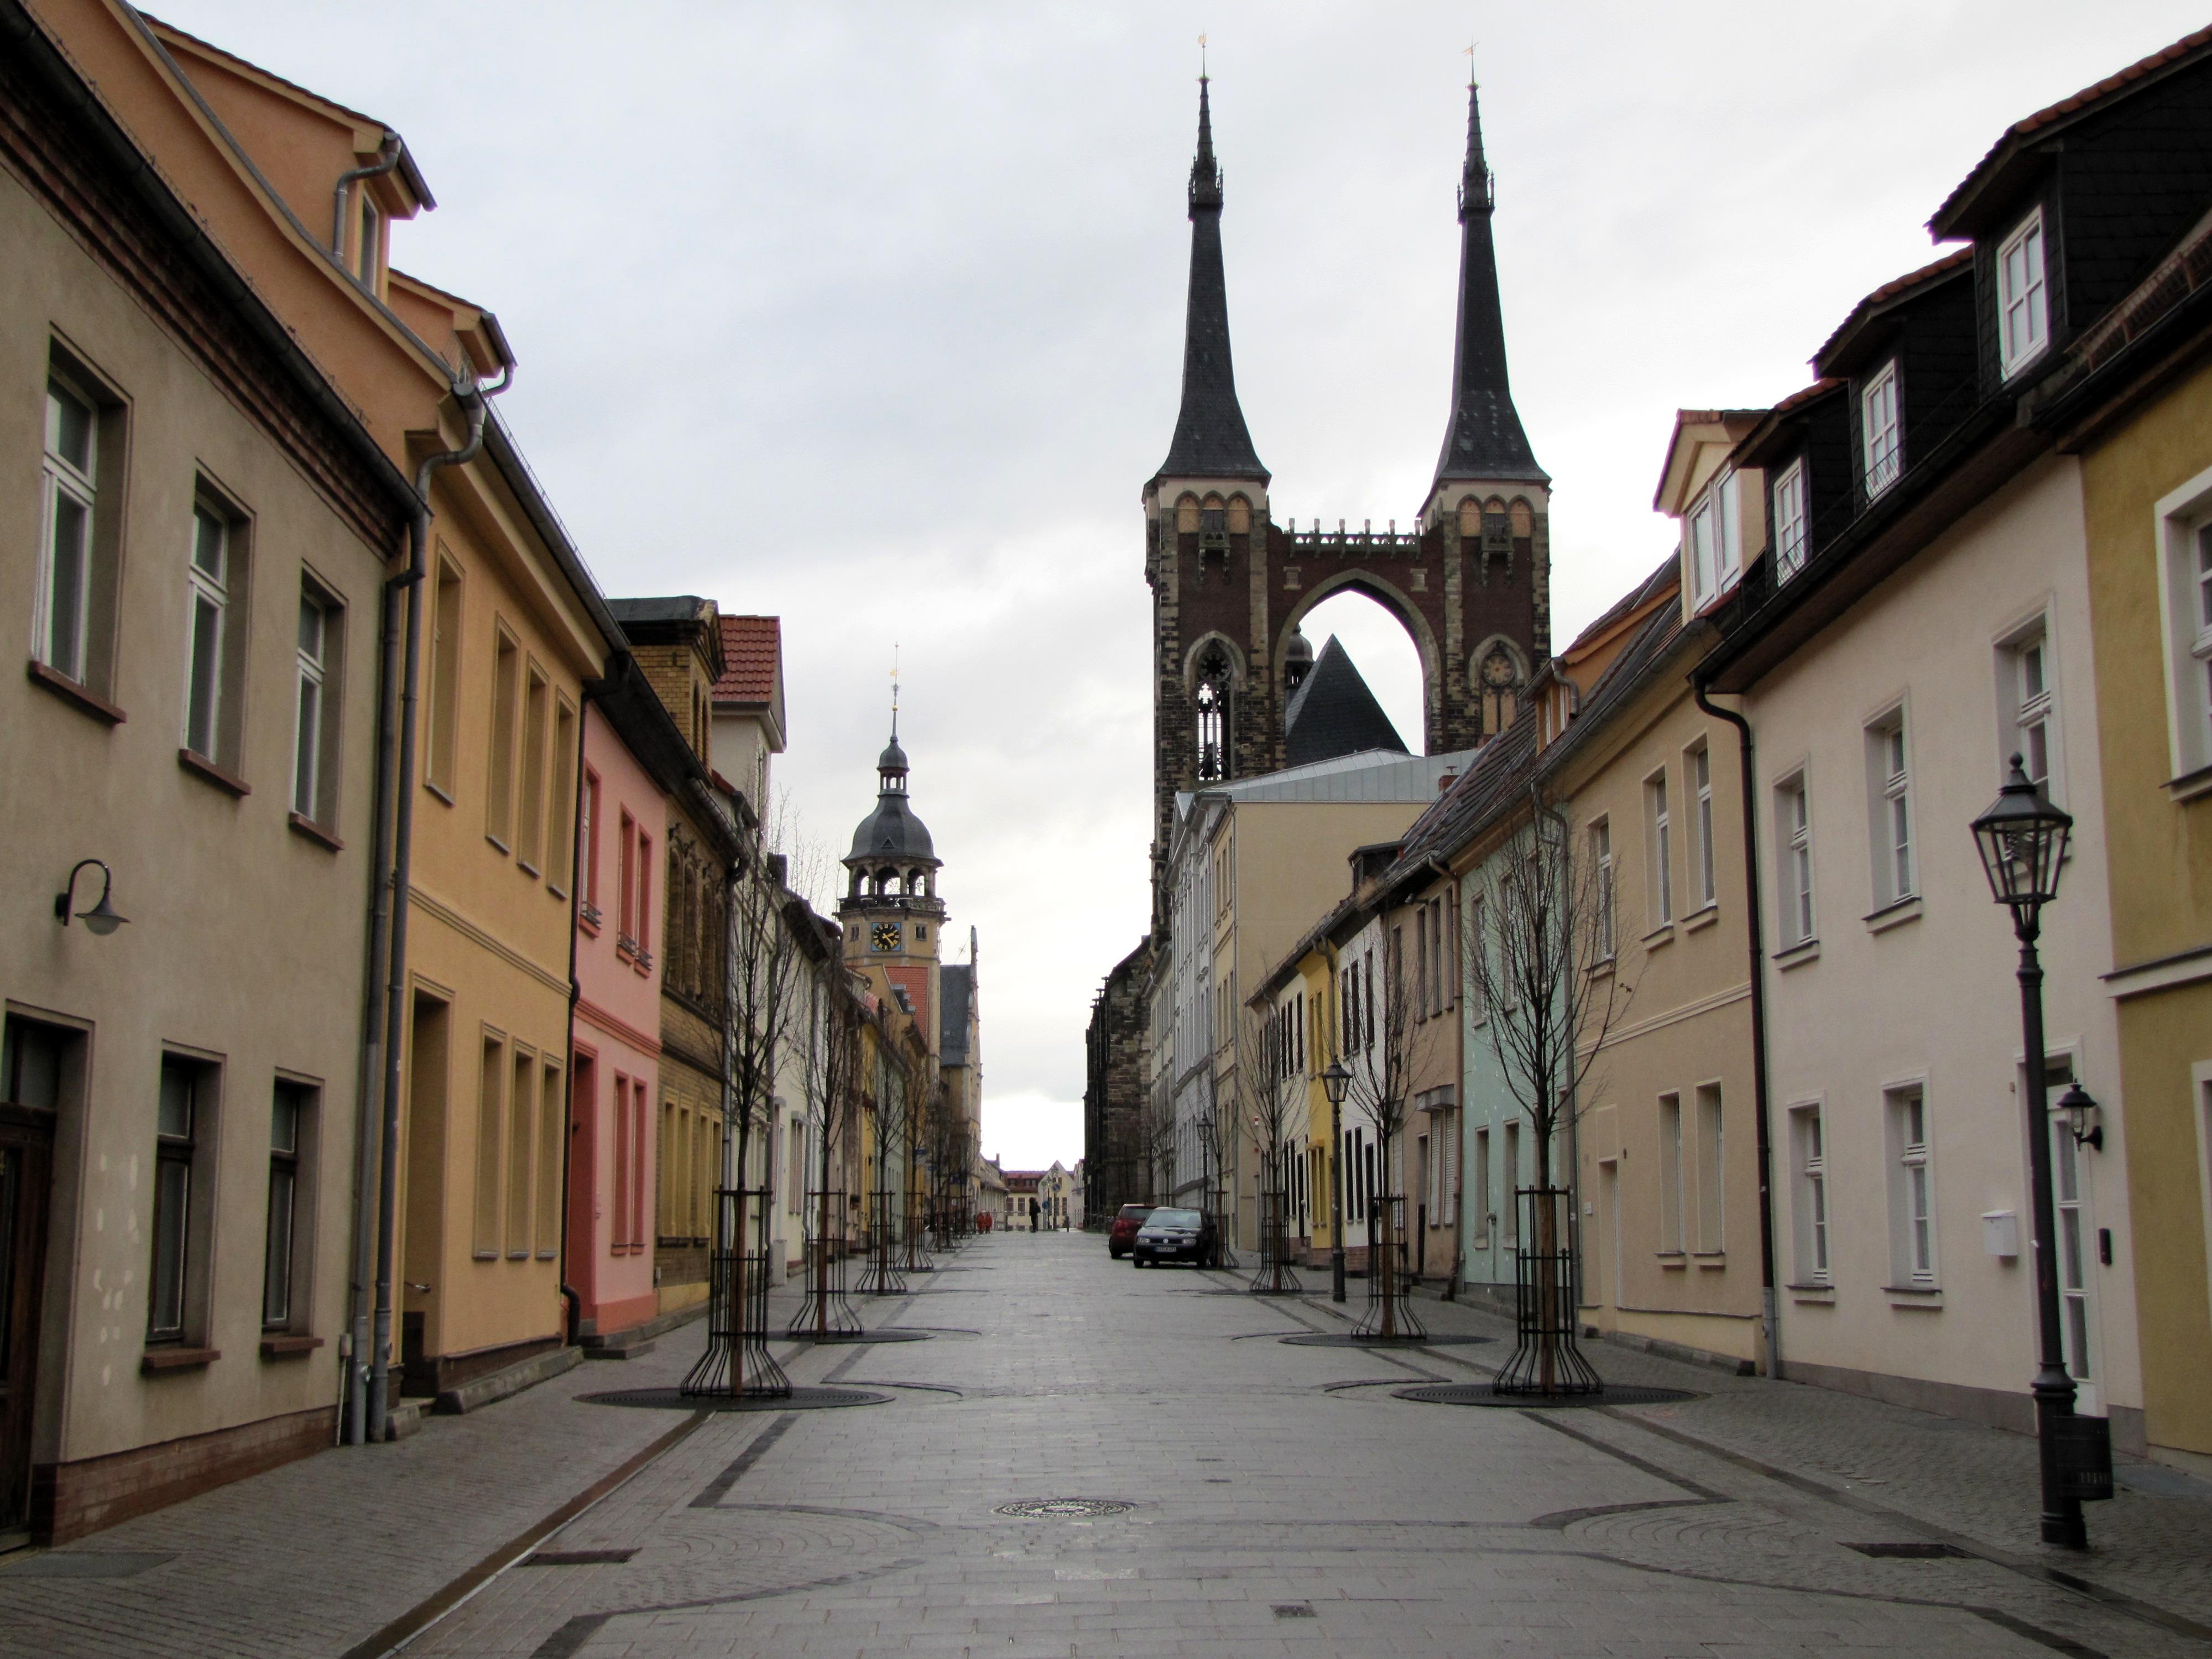 Köthen. Foto© Groundhopping Merseburg (CC BY-NC 2.0)